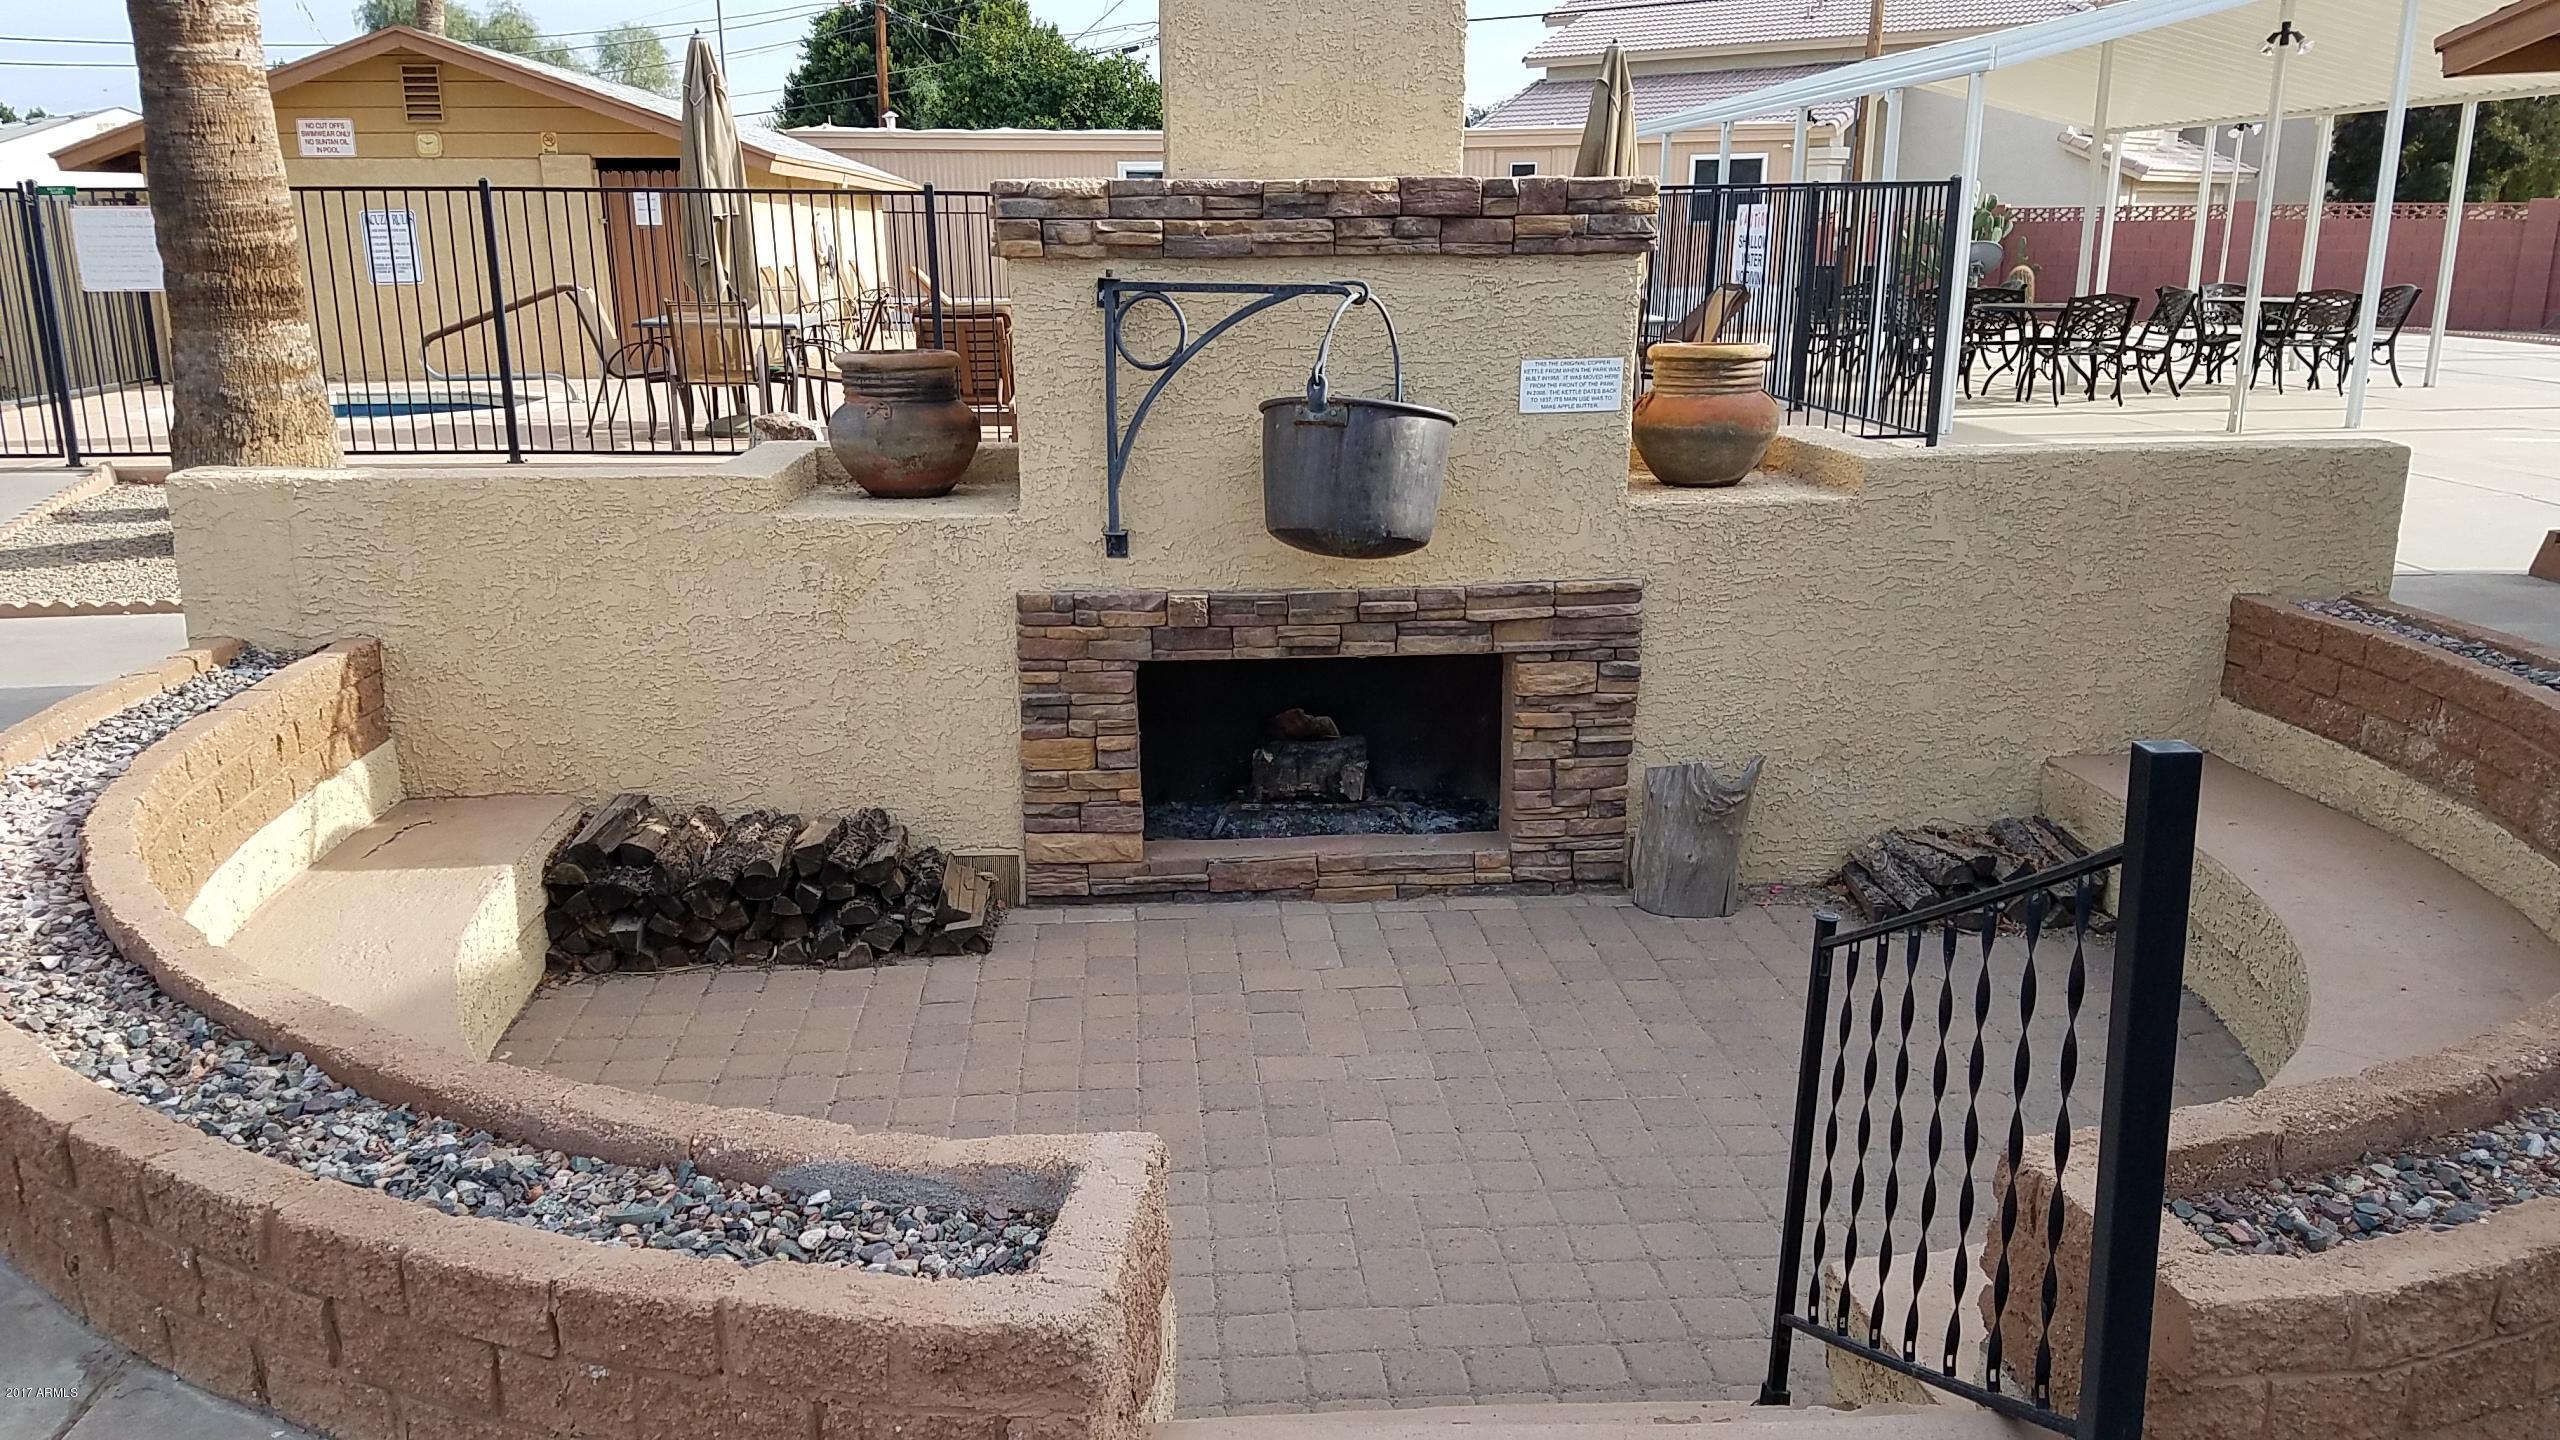 MLS 5918136 16005 N 32nd Street Unit 137, Phoenix, AZ 85032 Phoenix AZ Affordable